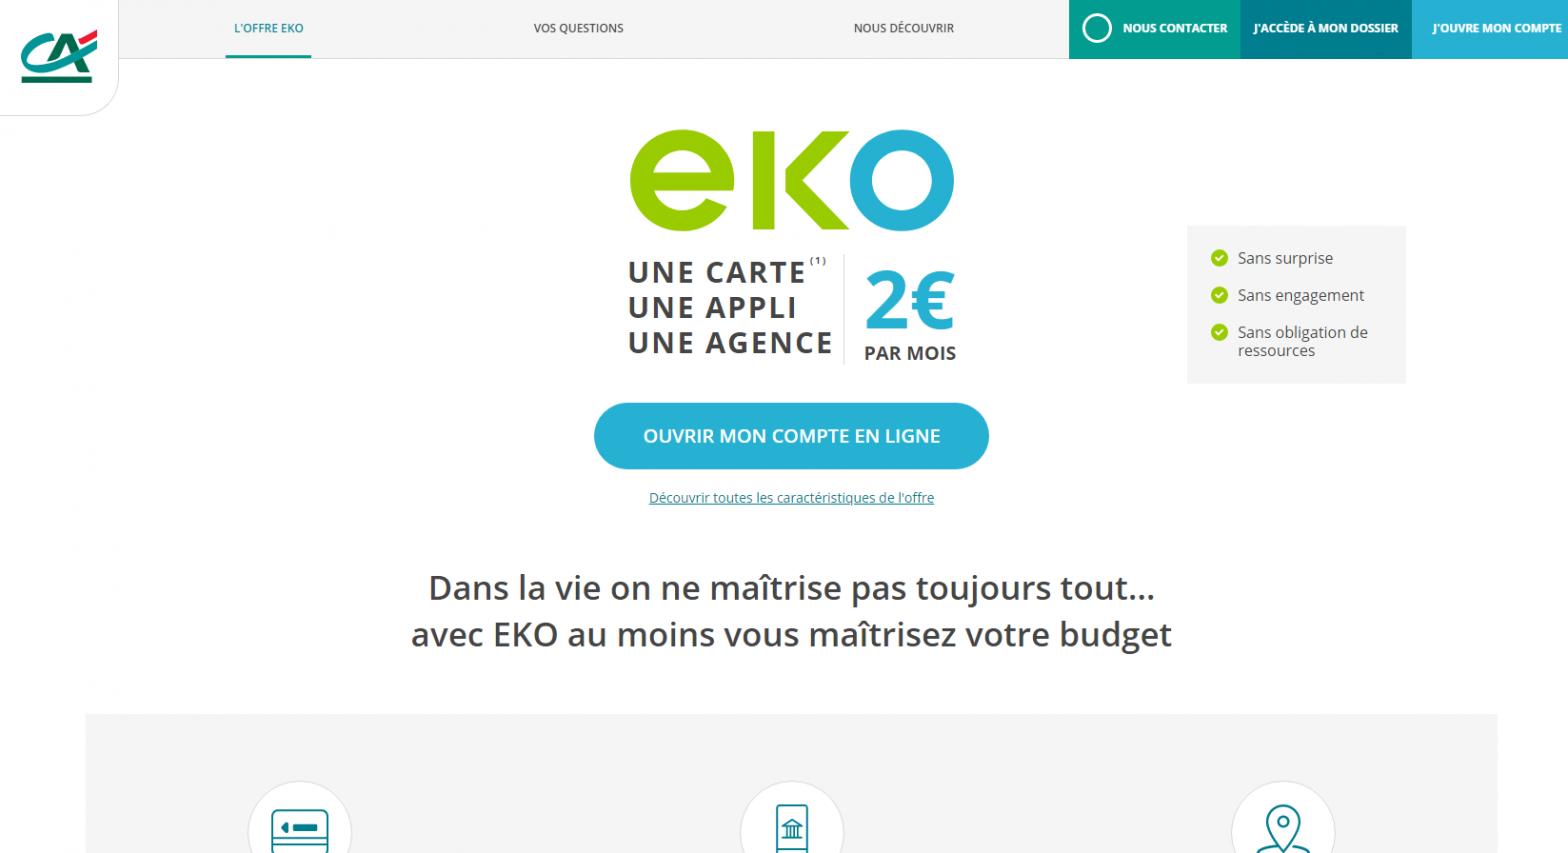 news-banque-EKO by Crédit Agricole